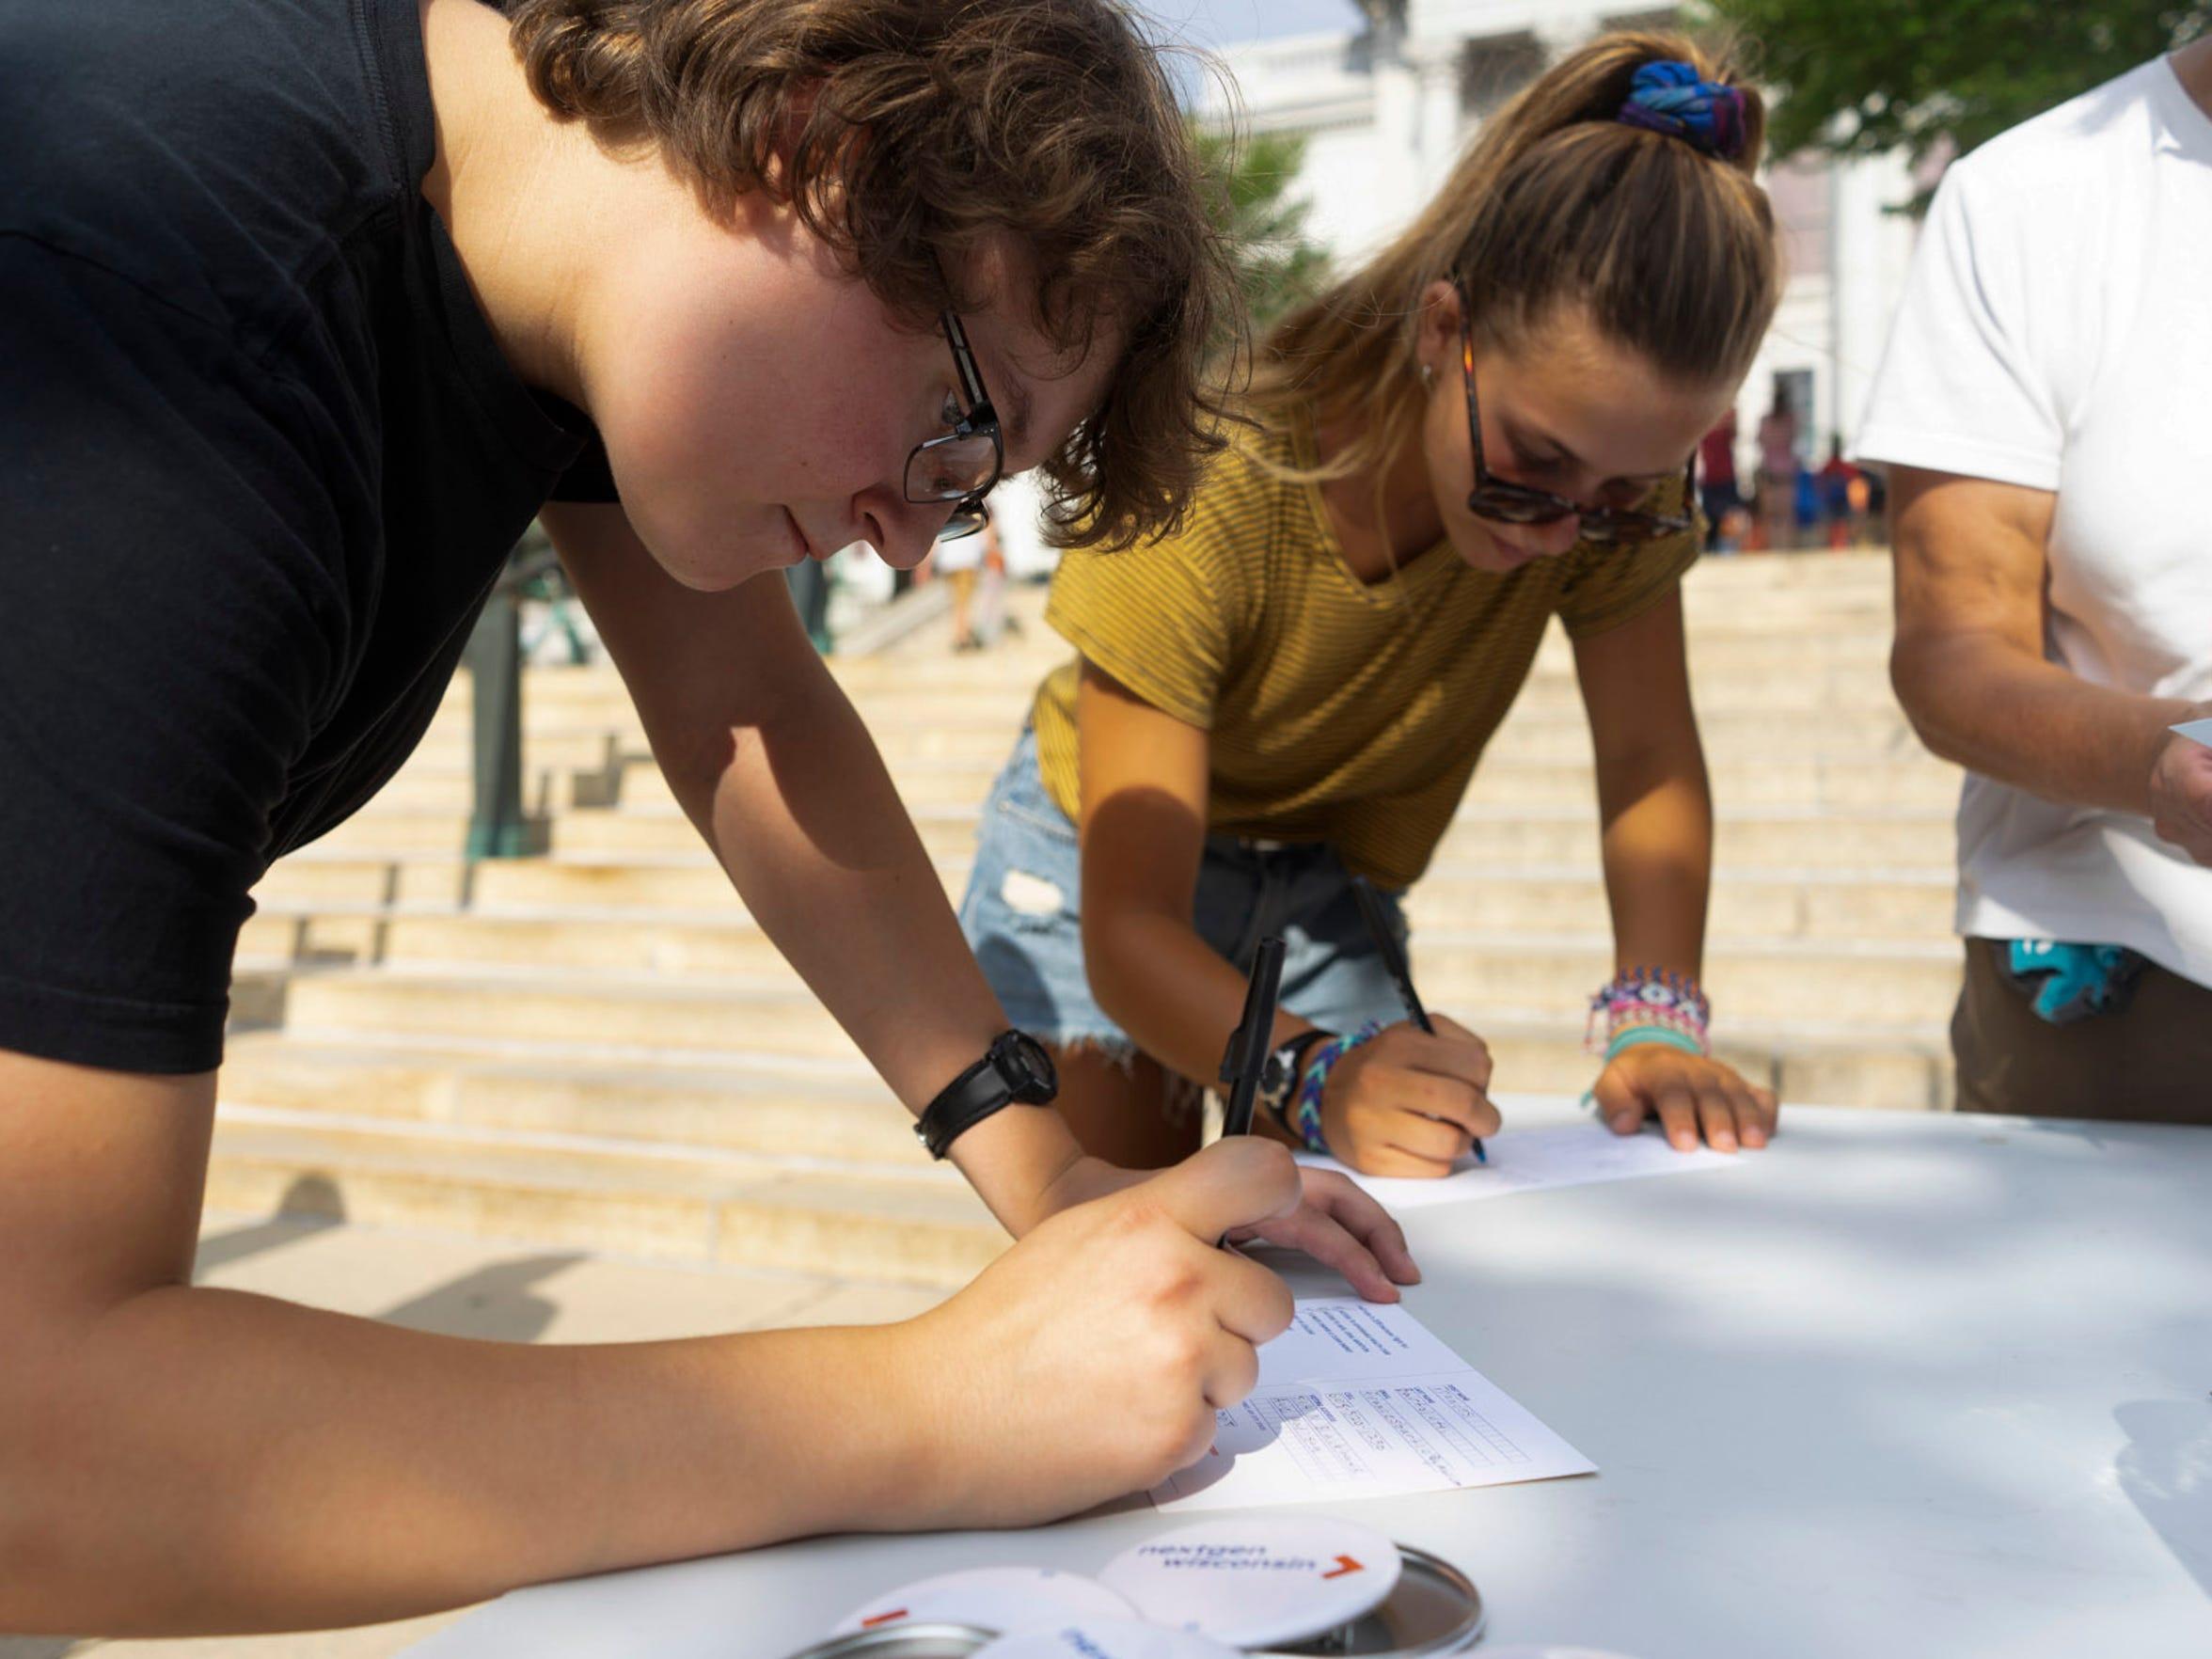 Frances Bartolutti, 19, at left, and Talia Glass pledge